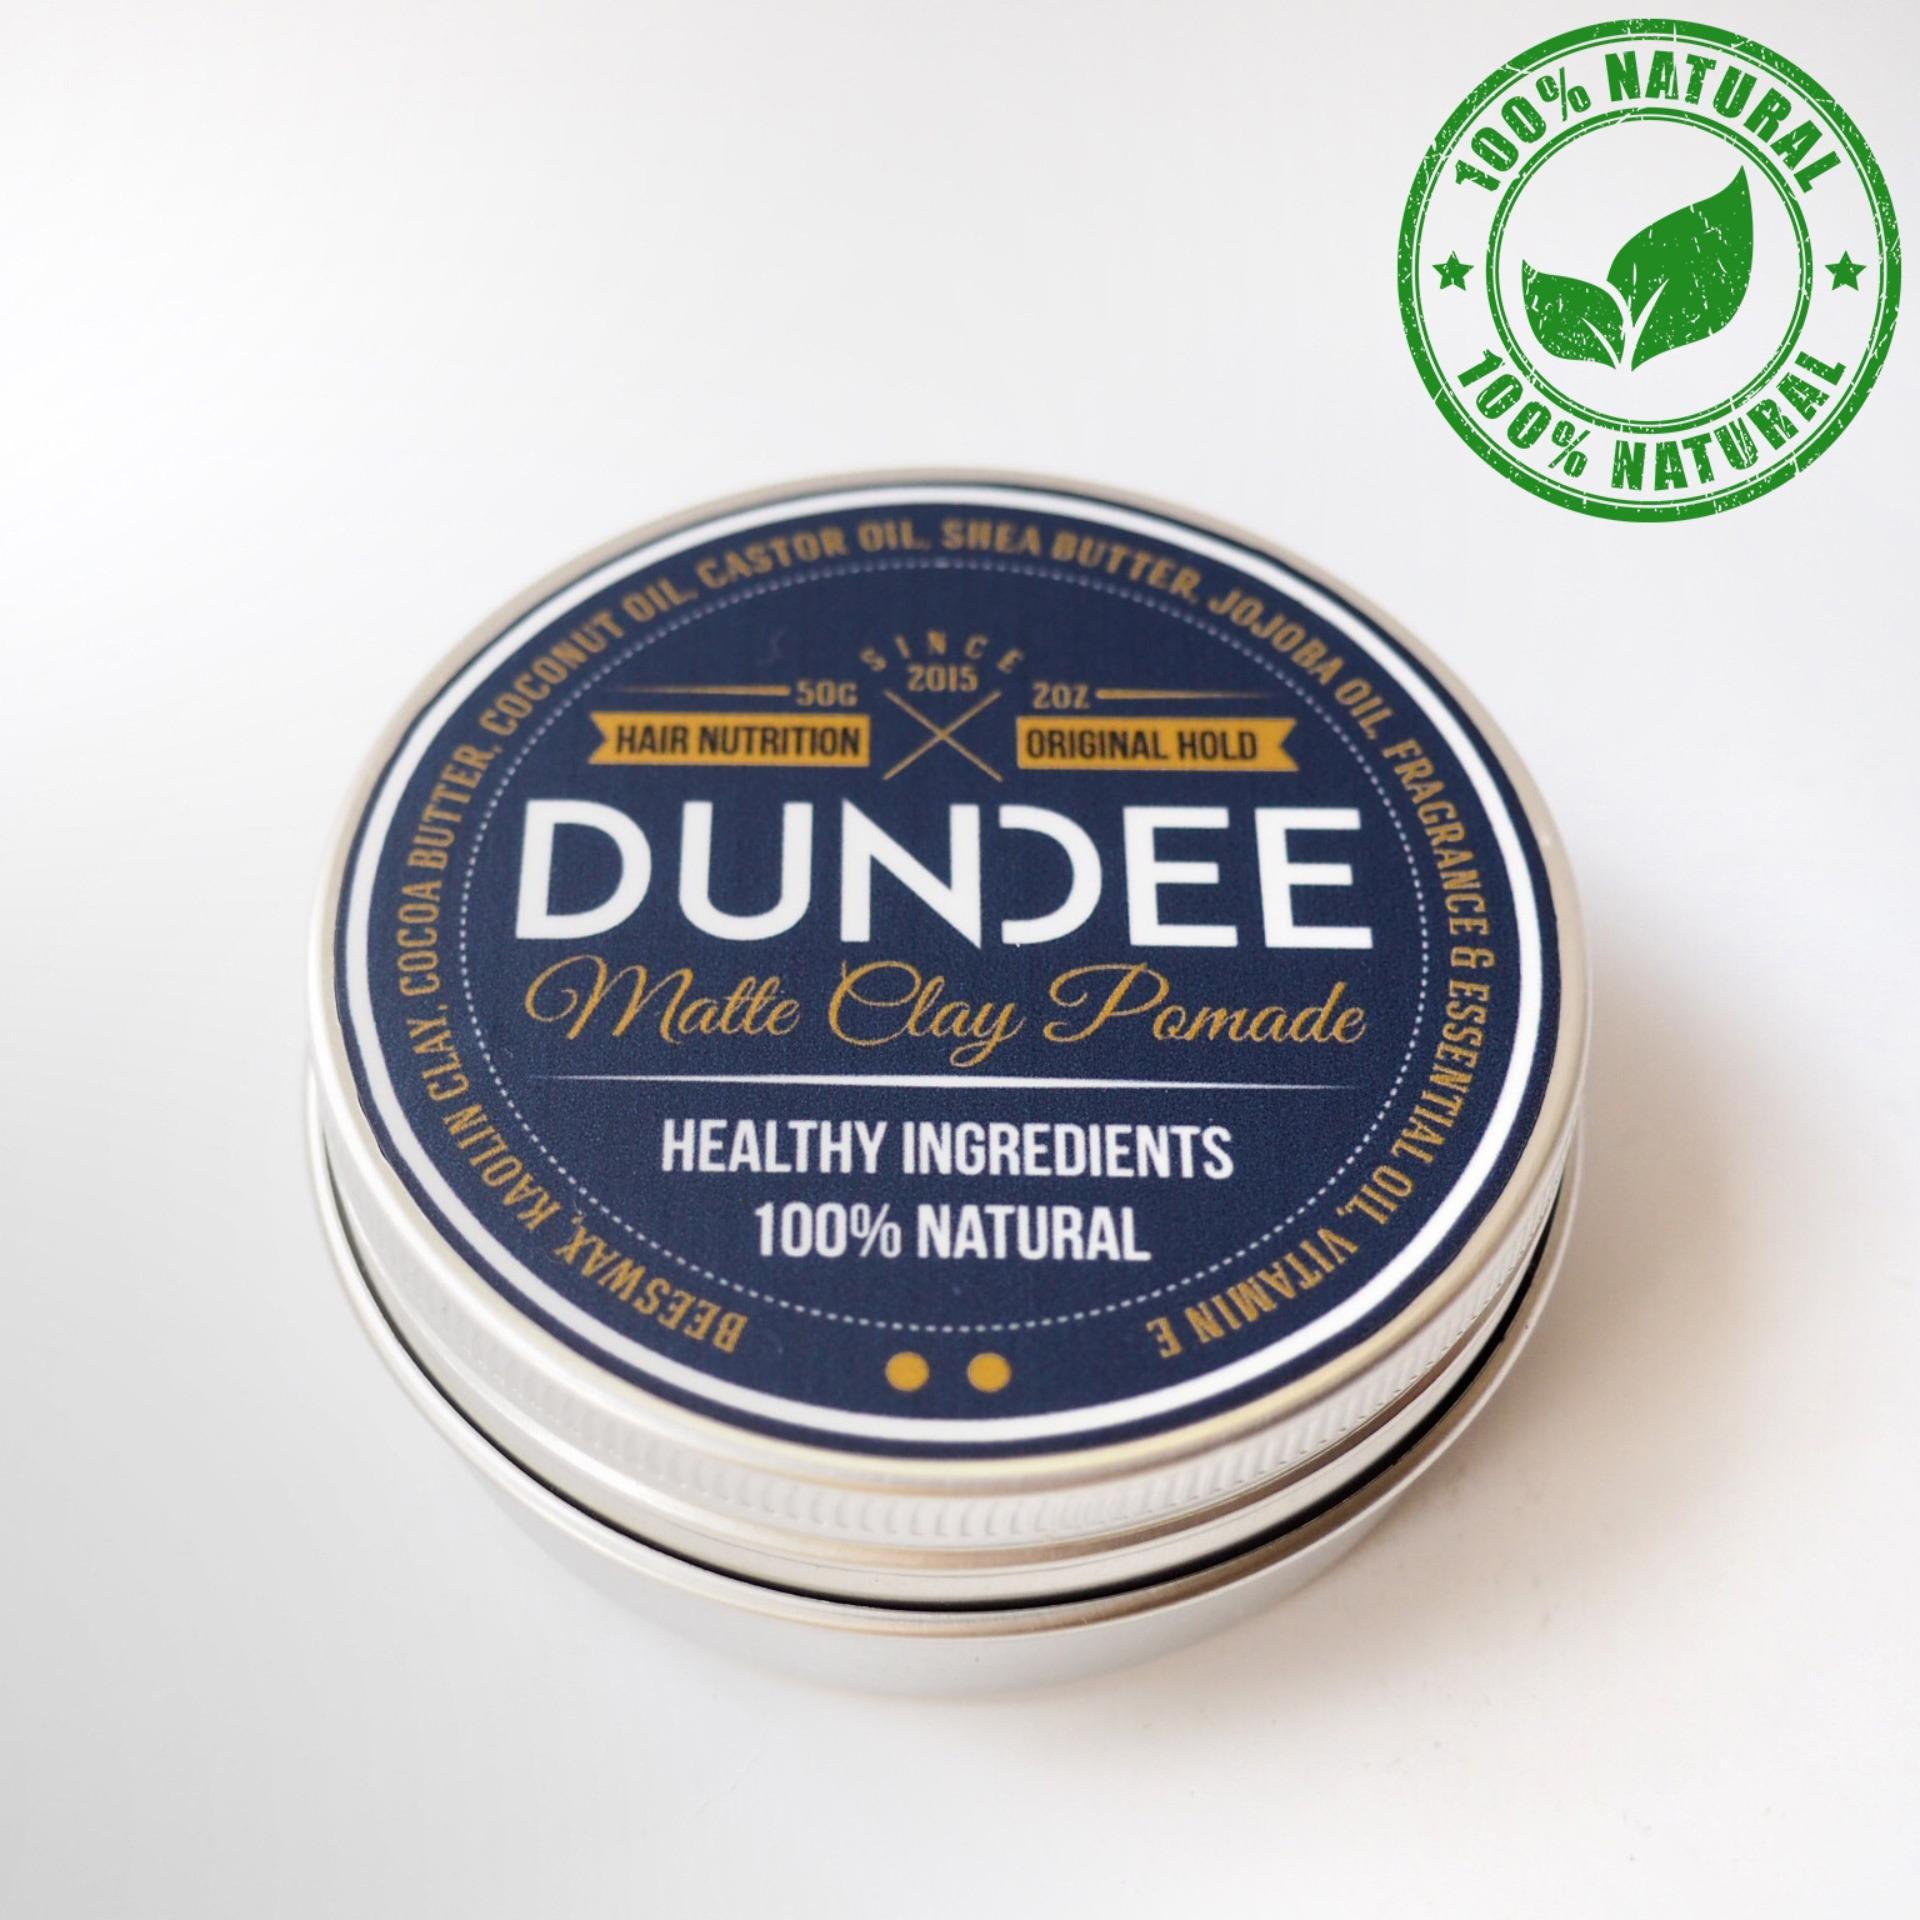 JUAL DUNDEE Matte Clay Pomade – Original Hold – 50g   100% Natural dan Organik  Sehat untuk rambut  Mencegah kerontokan Terlaris